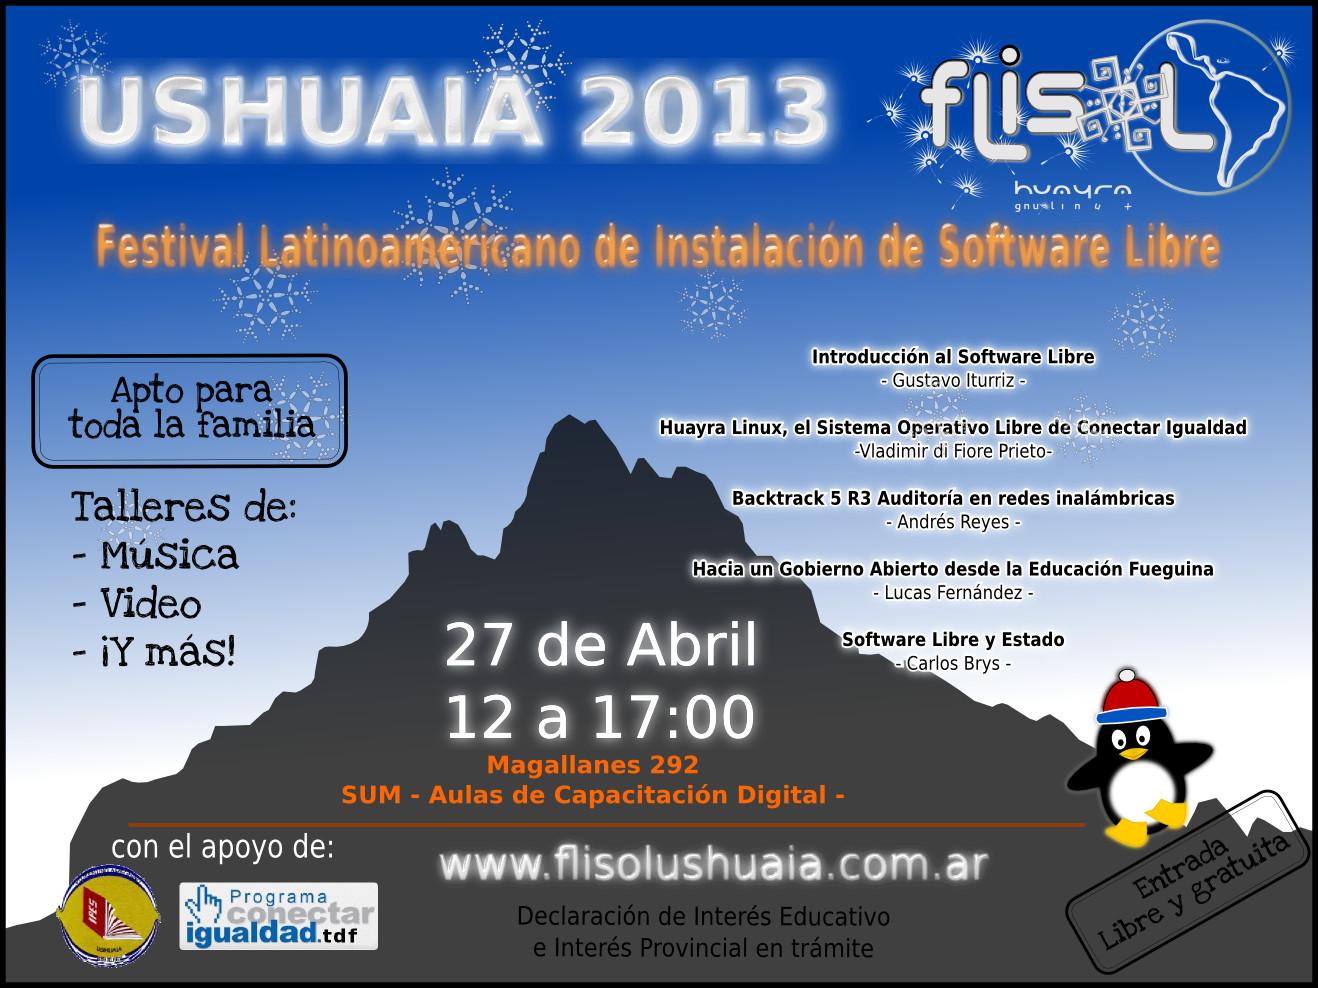 ¡No te olvides! ¡Sábado 27/04 el FLISoL más austral del mundo! – 12:00 a 17:00 – Magallanes 292 – Aulas de Capacitación DigitalUshuaia